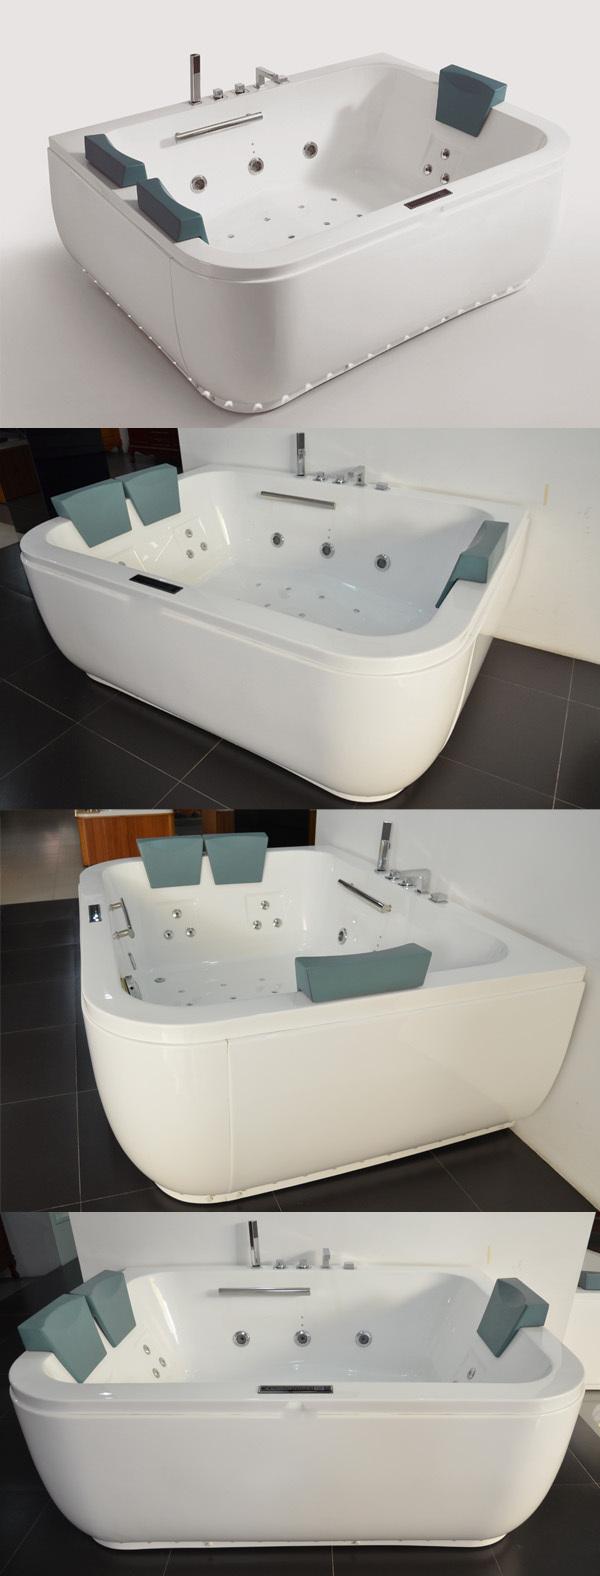 Hs-b1696t 3 Person Bath/ Large Bathtub Shower Combo/ Big Bathtub ...